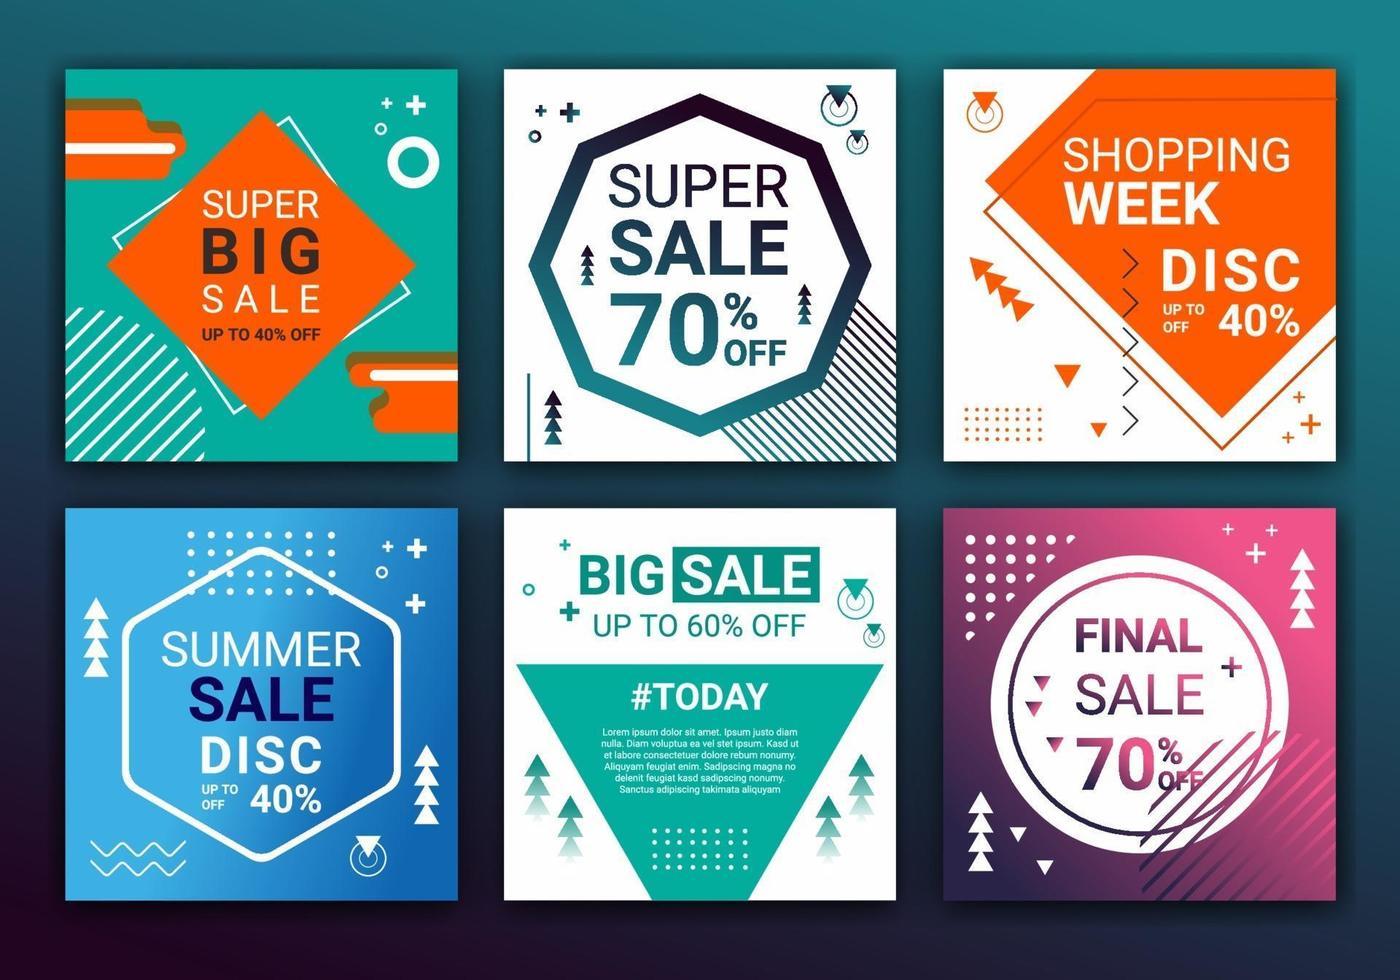 uppsättning försäljning banner mall sociala medier post, design för annonser, mall för mode försäljning, webb banner och sociala medier post design. feed post bakgrund färgglad form vektorillustration vektor